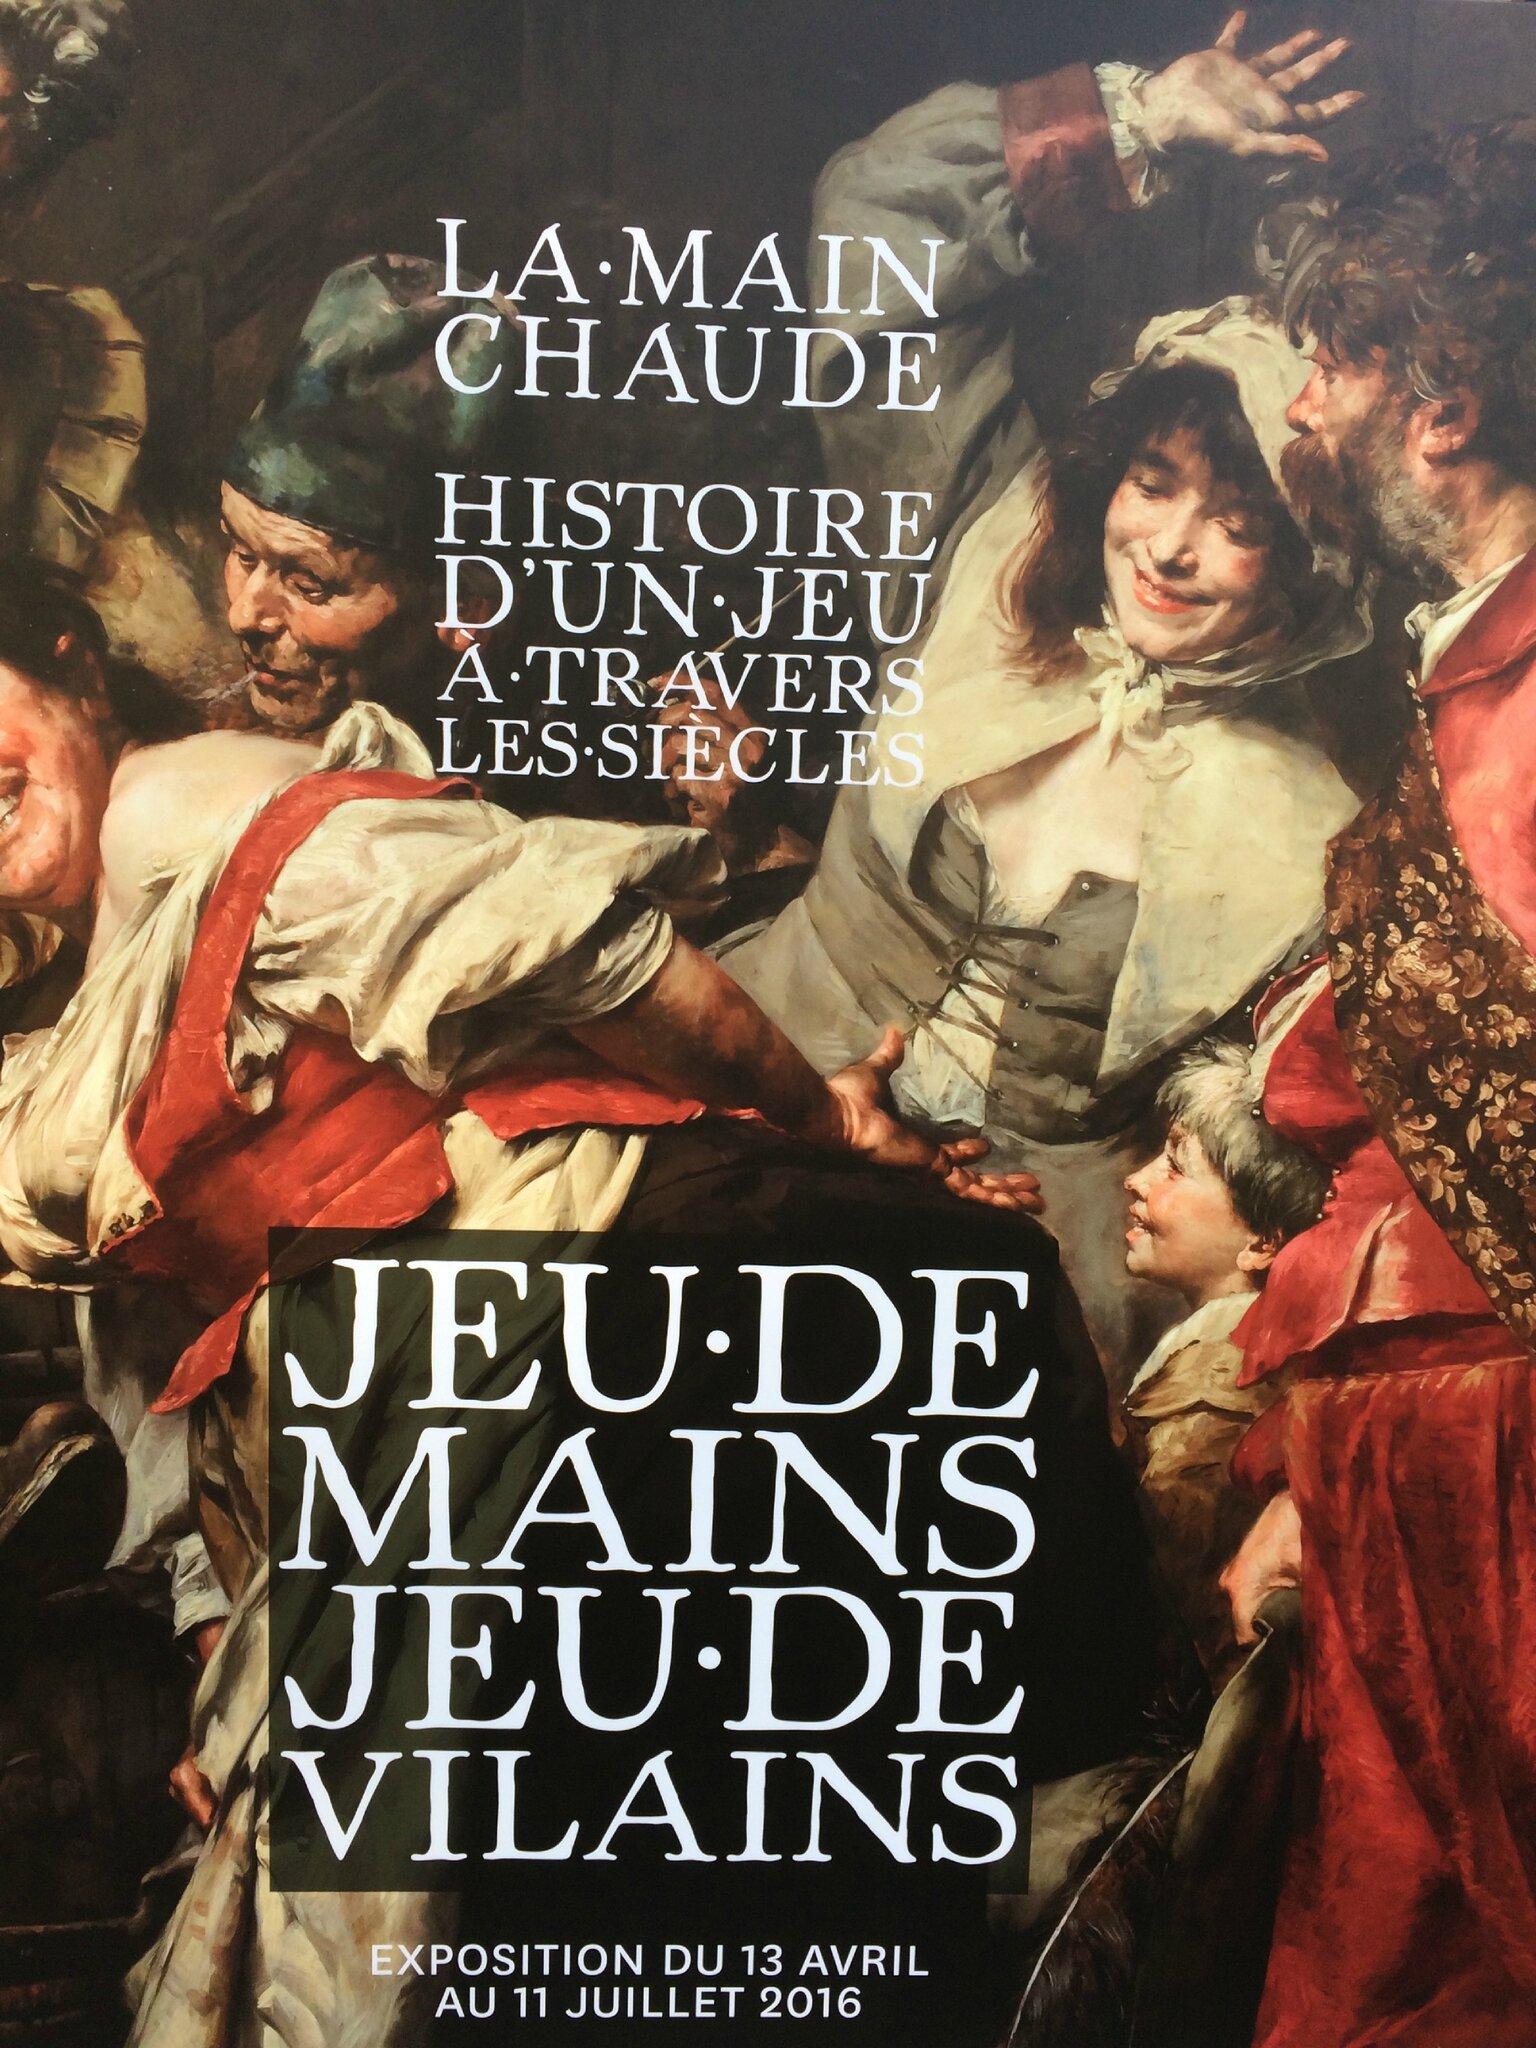 La Main chaude, Jeu de Mains, Jeu de Vilains au Musée Roybet